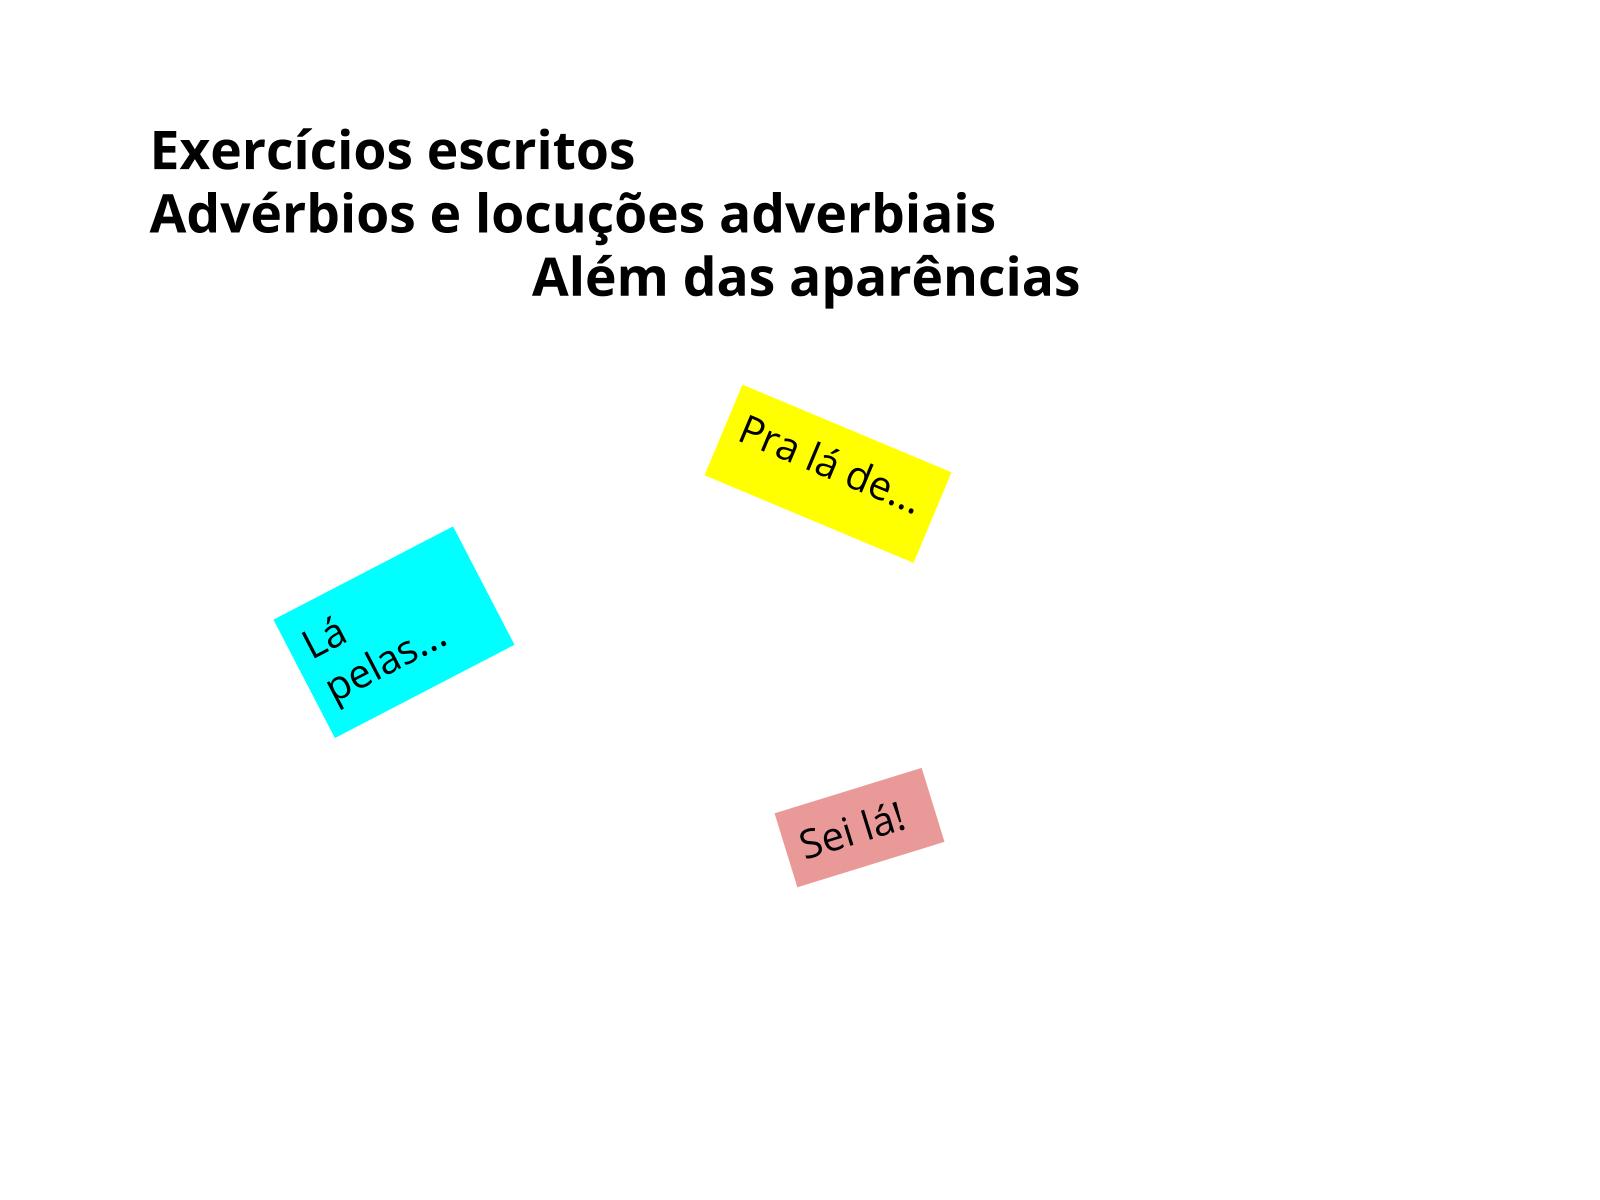 Análise do uso de advérbios e locuções adverbiais em situações diversas